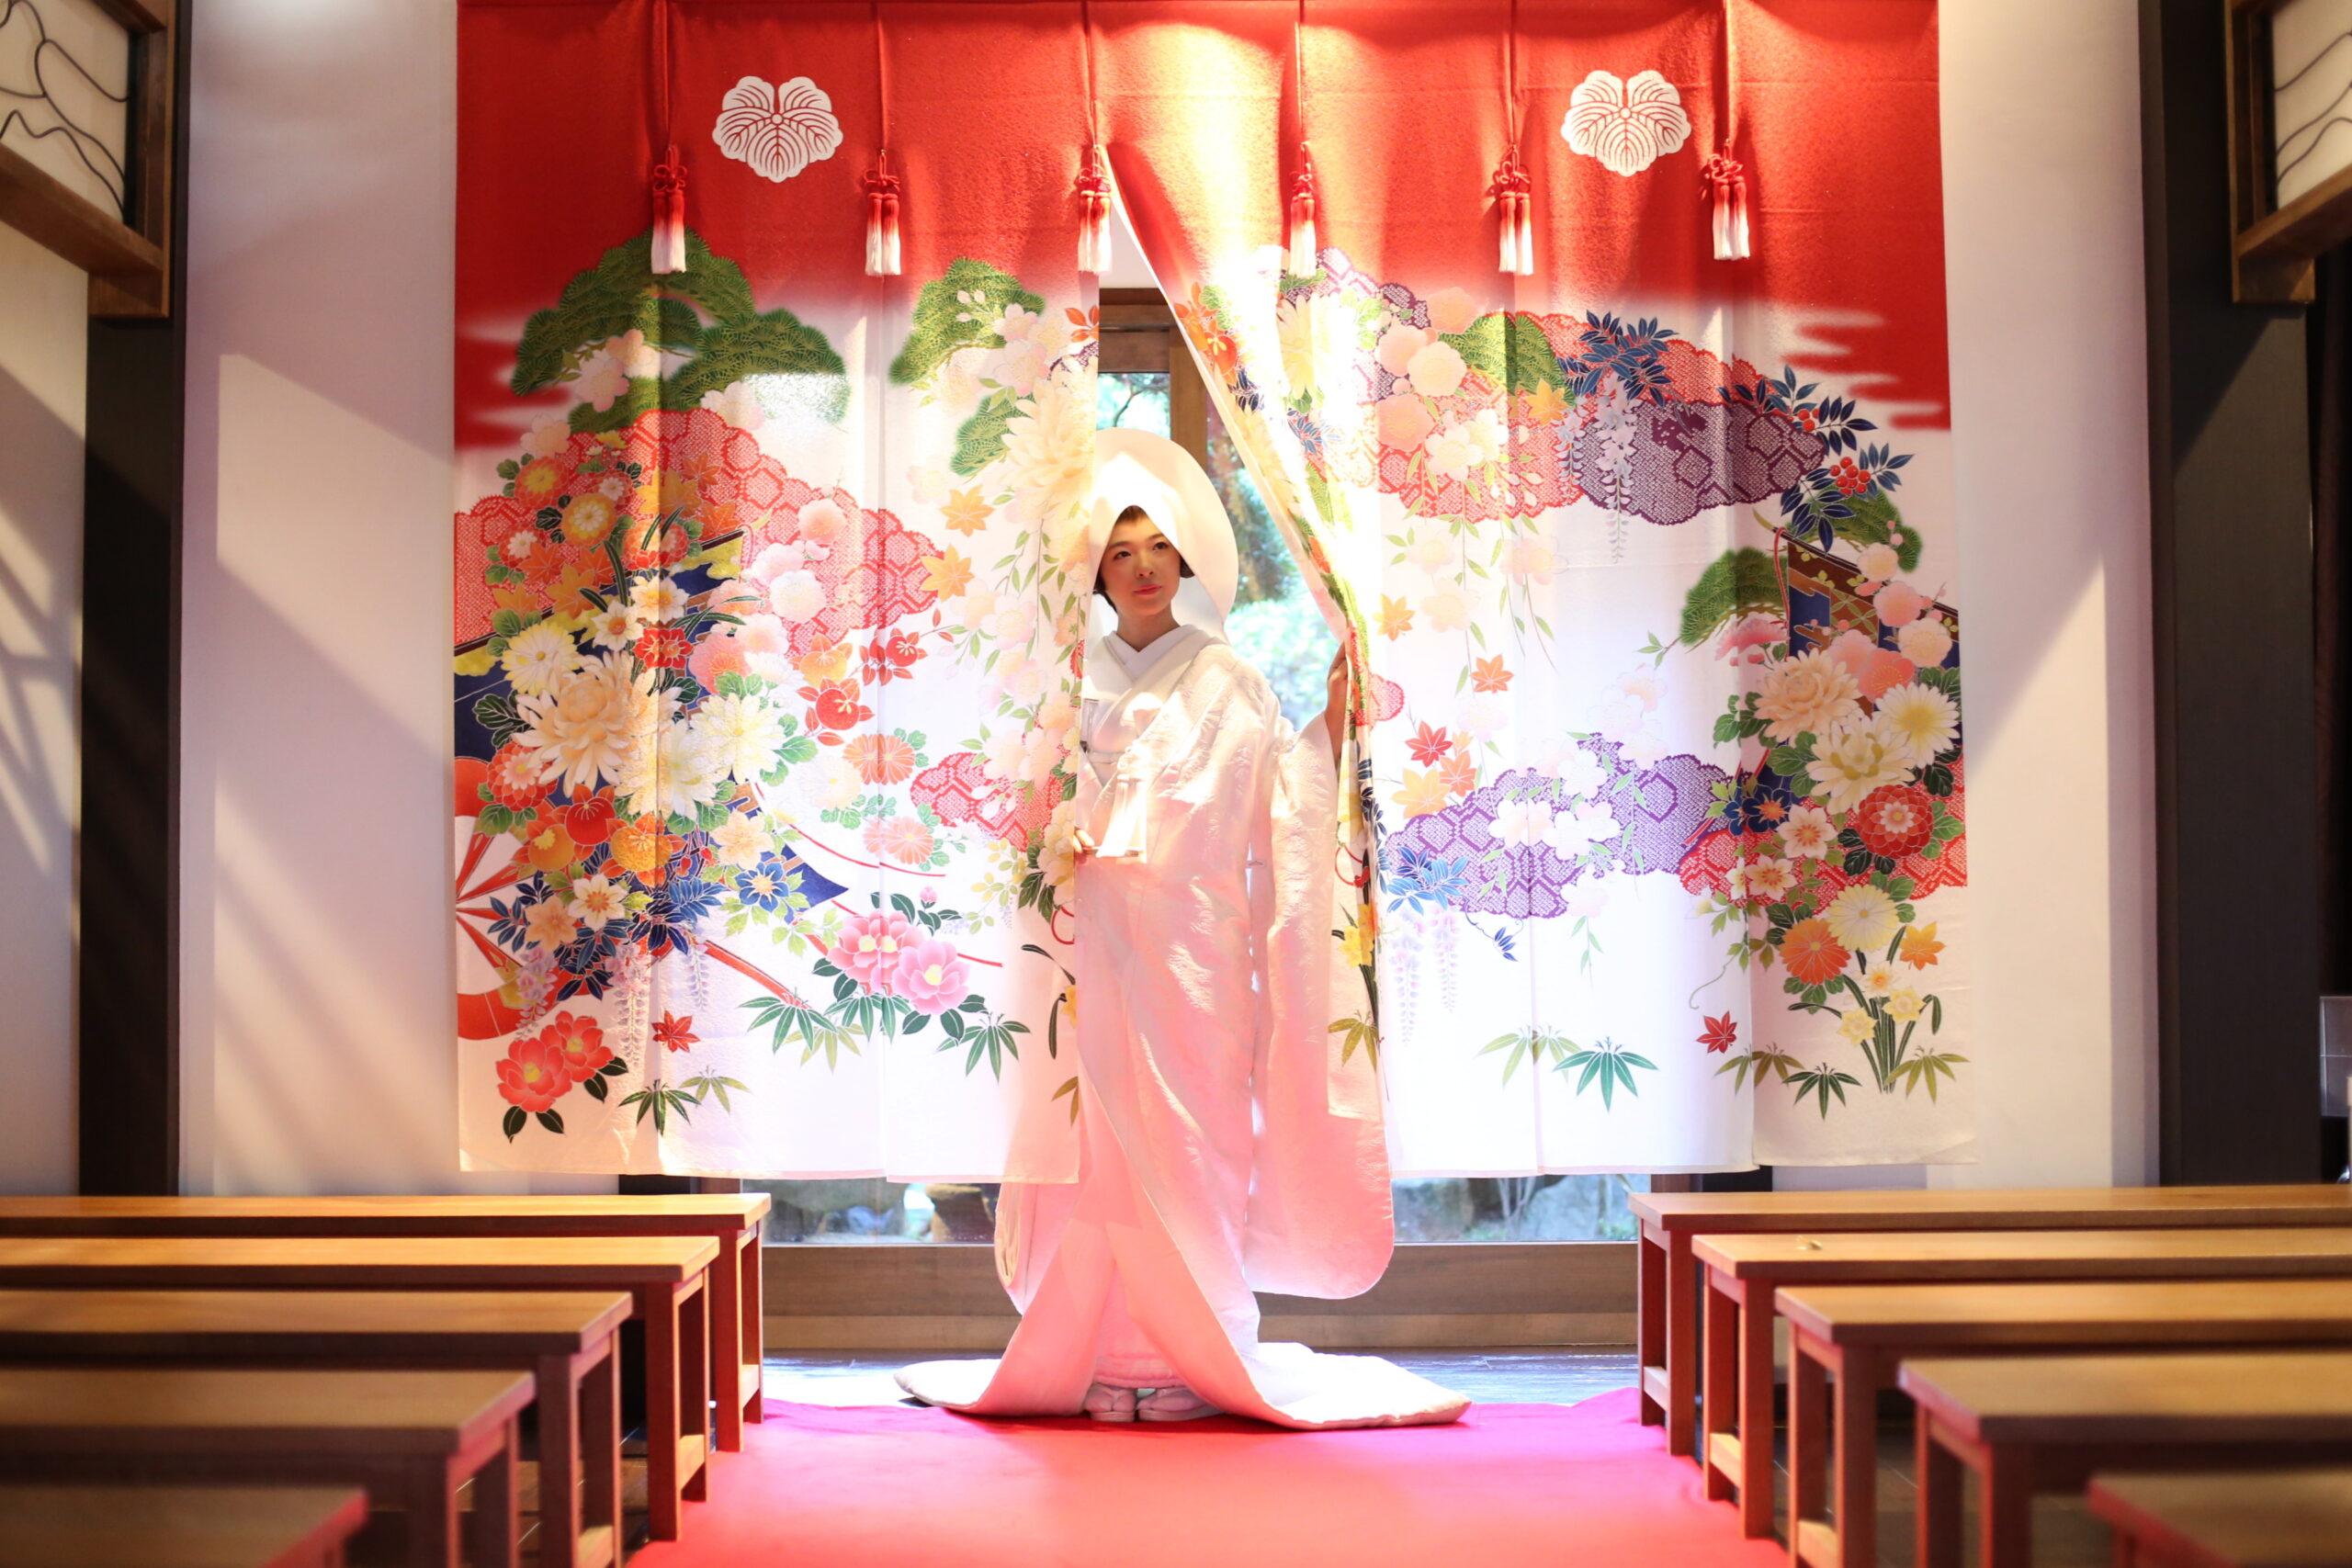 【模擬挙式】ゲスト目線で体感!モダン邸宅で叶える和婚